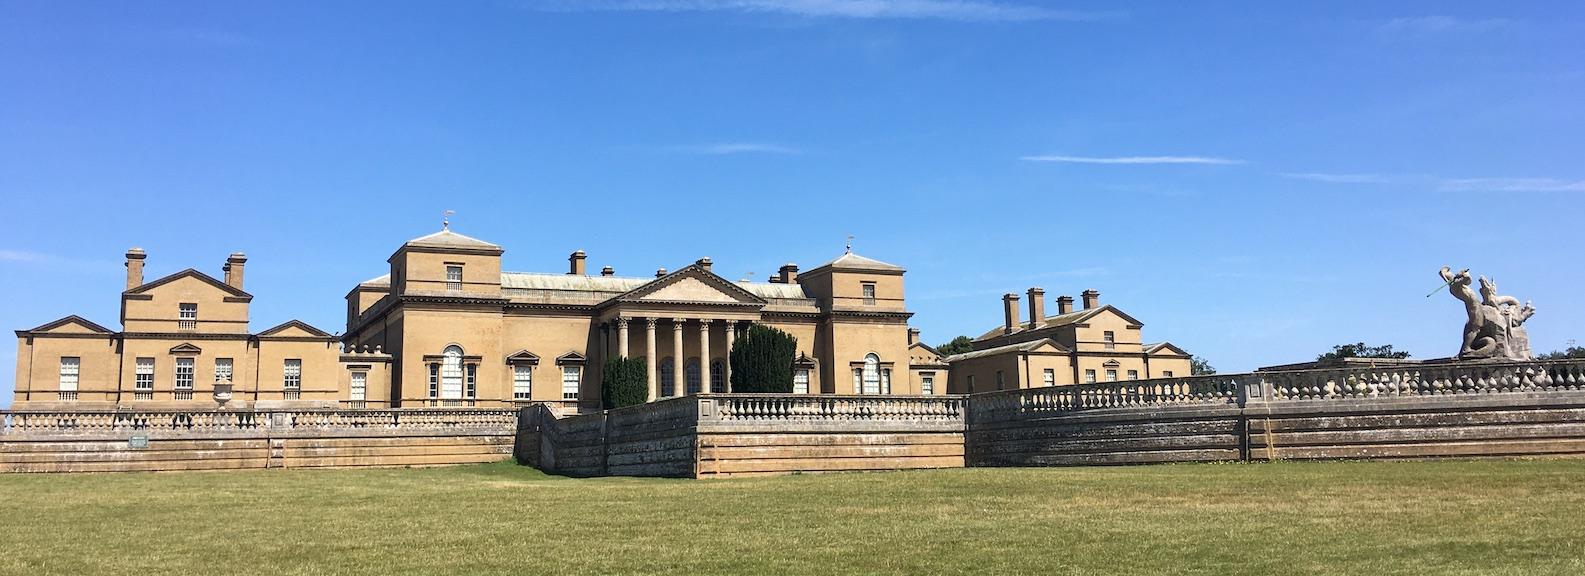 Holkham Hall Norfolk